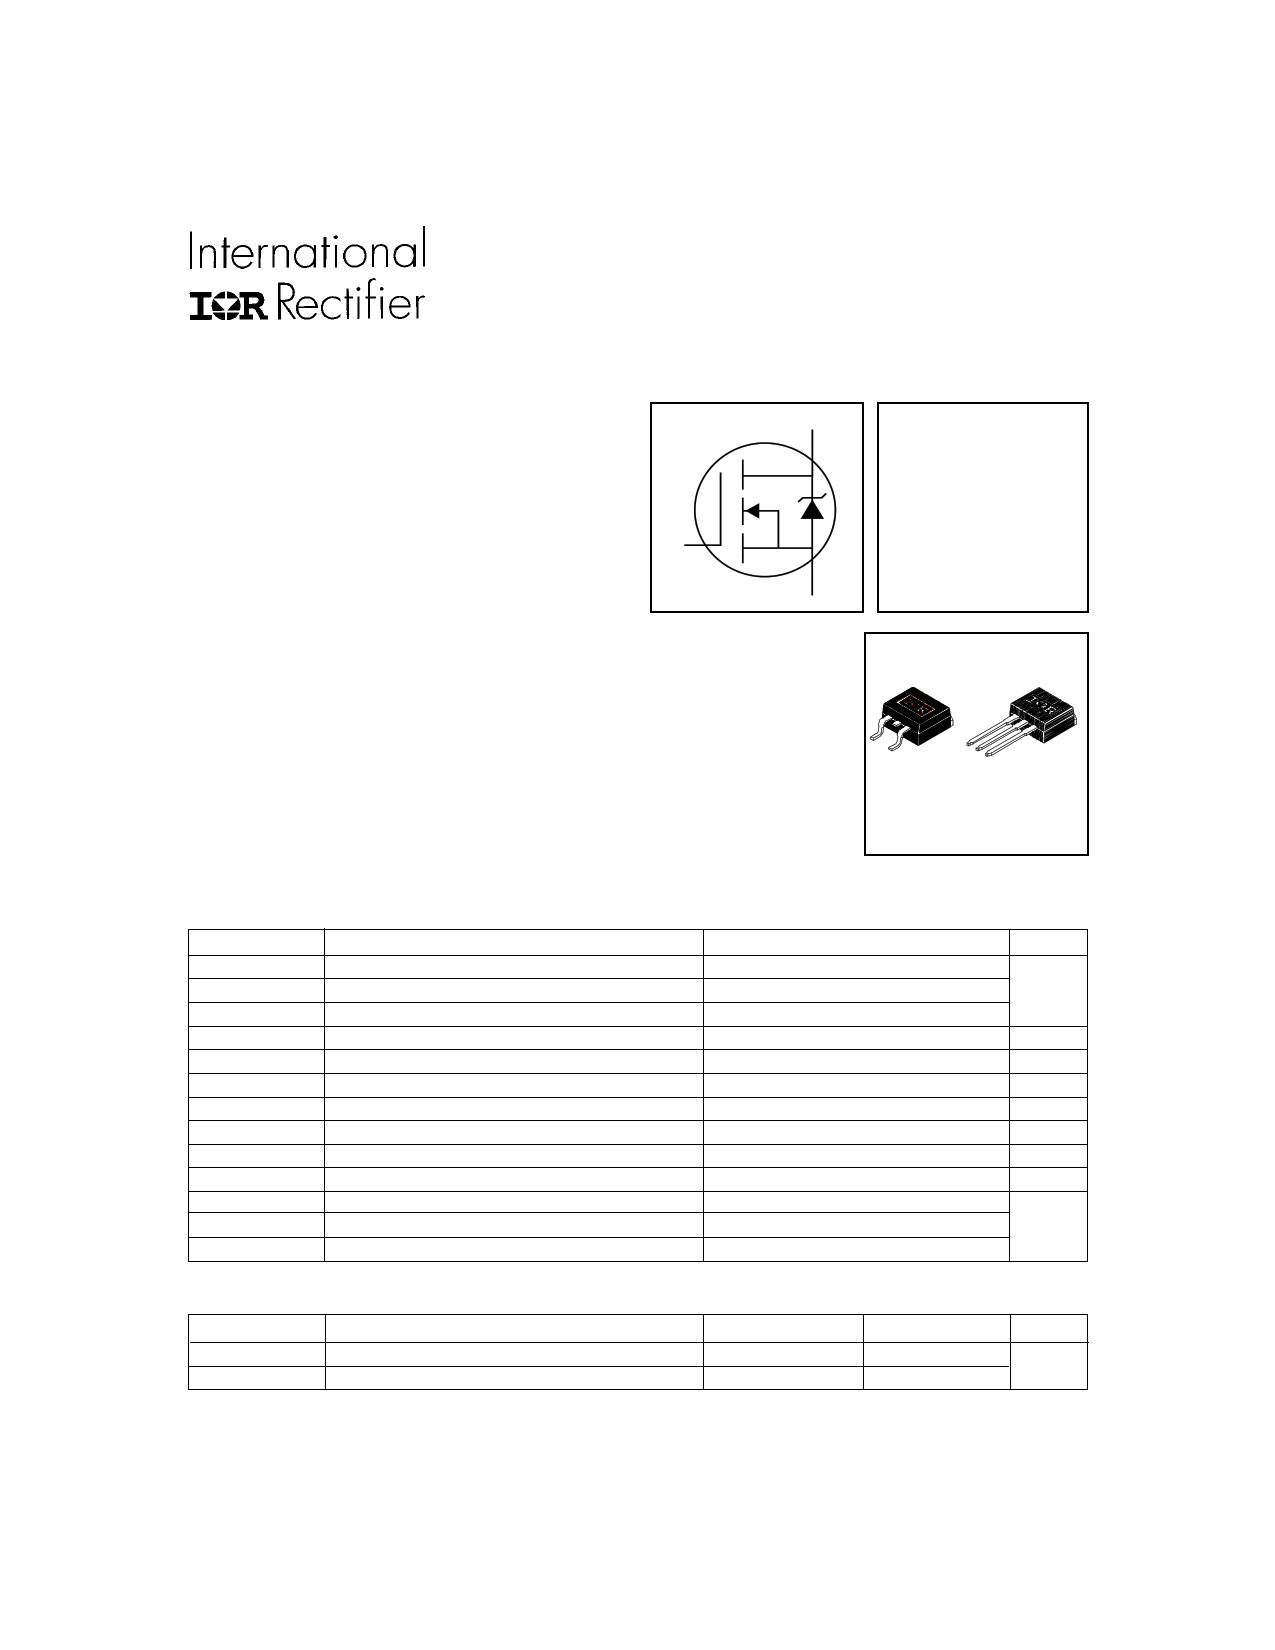 IRFZ44NS Datasheet, IRFZ44NS PDF,ピン配置, 機能